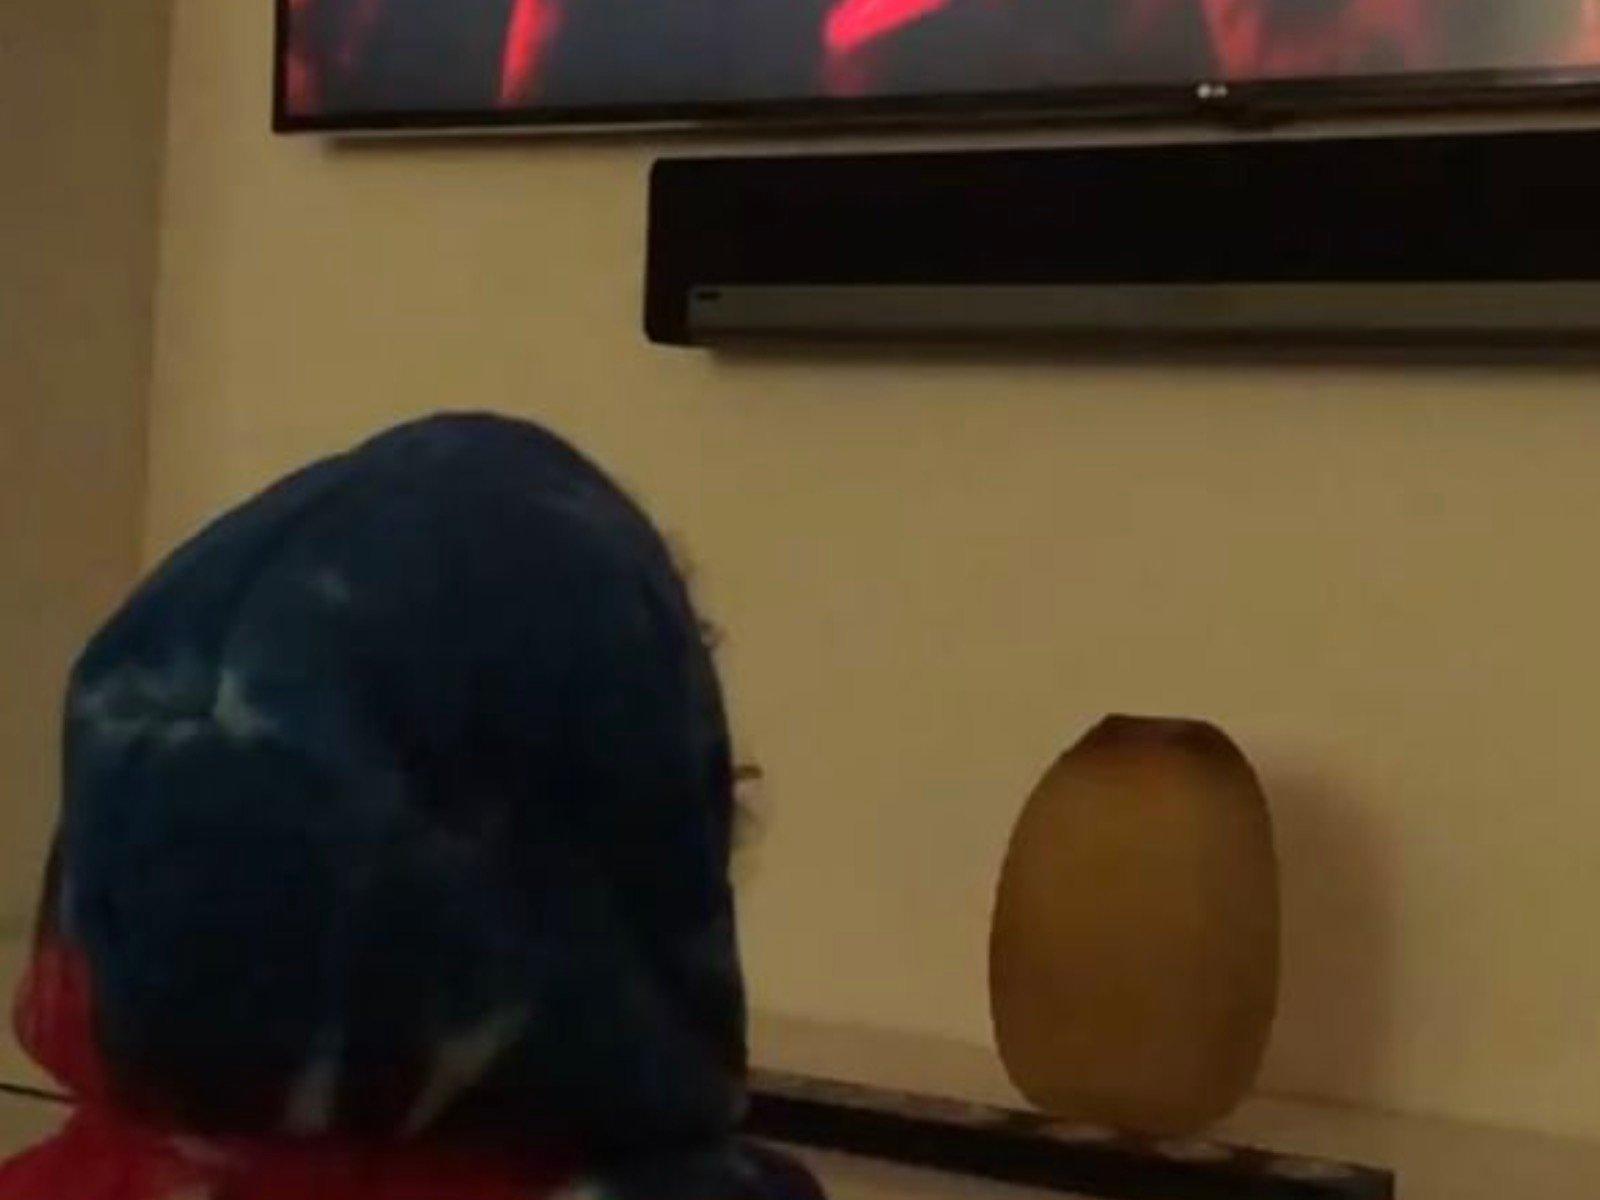 Stormi Webster Kylie Jenner Video